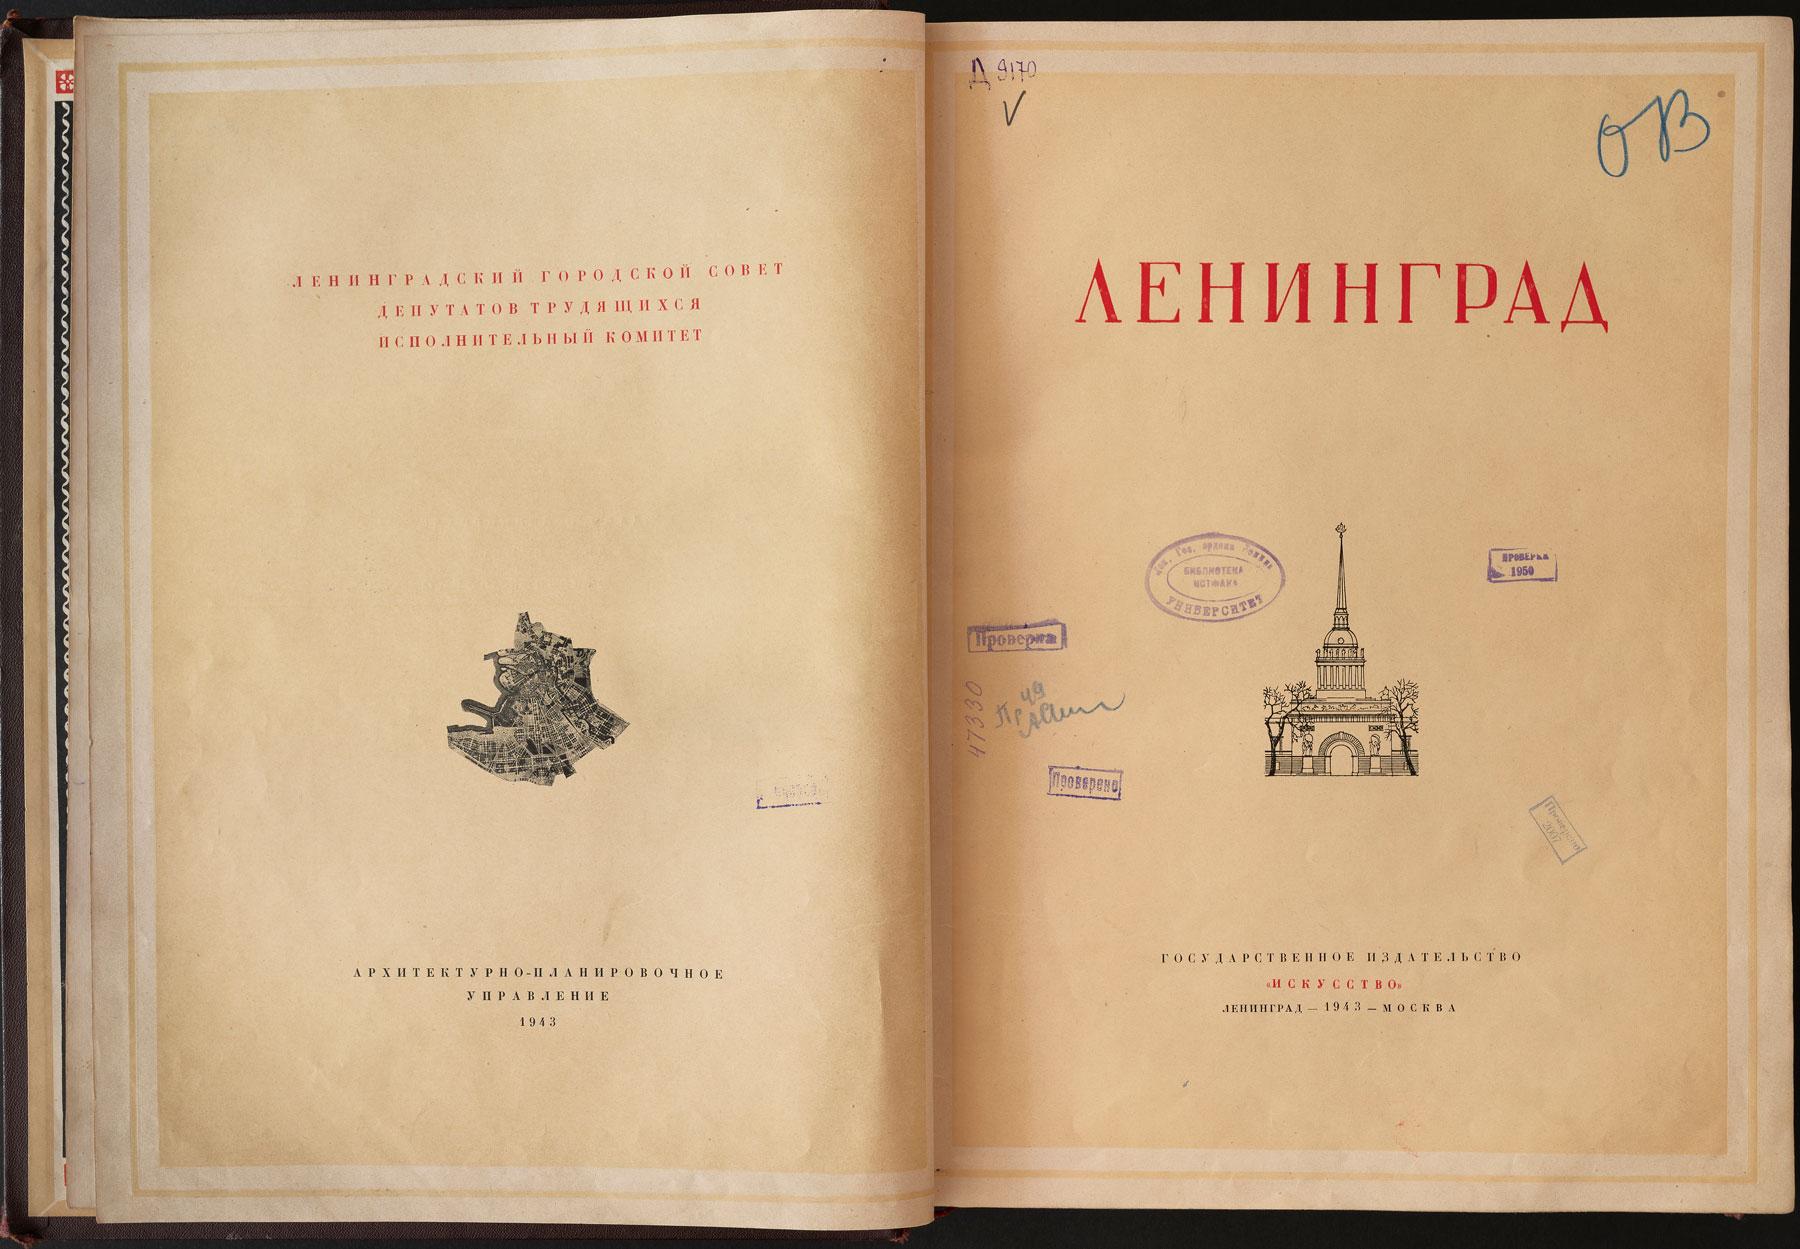 К 240-летию основания города (1943 год) готовилось специальное издание о развитии архитектурного Петербурга-Ленинграда. Двое из создателей этой книги умерли от голода в дни блокады. Но, как и планировалось, книга вышла в 1943 году